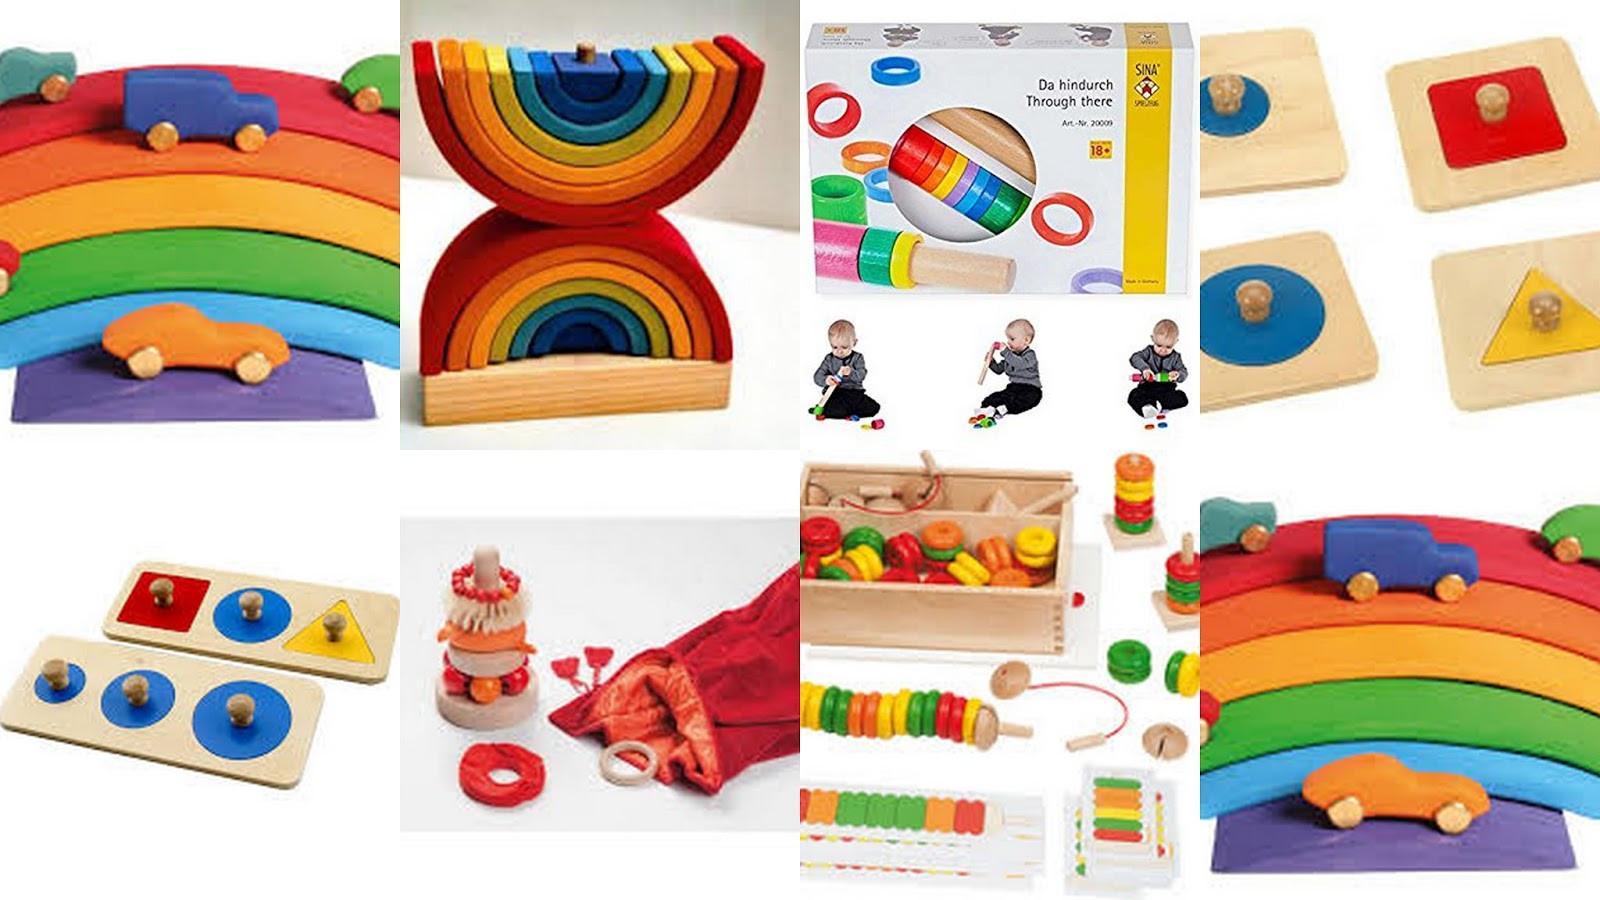 Geschenkideen 3 Jährige  Sternkind Mondkind Herzkinder Geschenkideen für 1 3 jährige